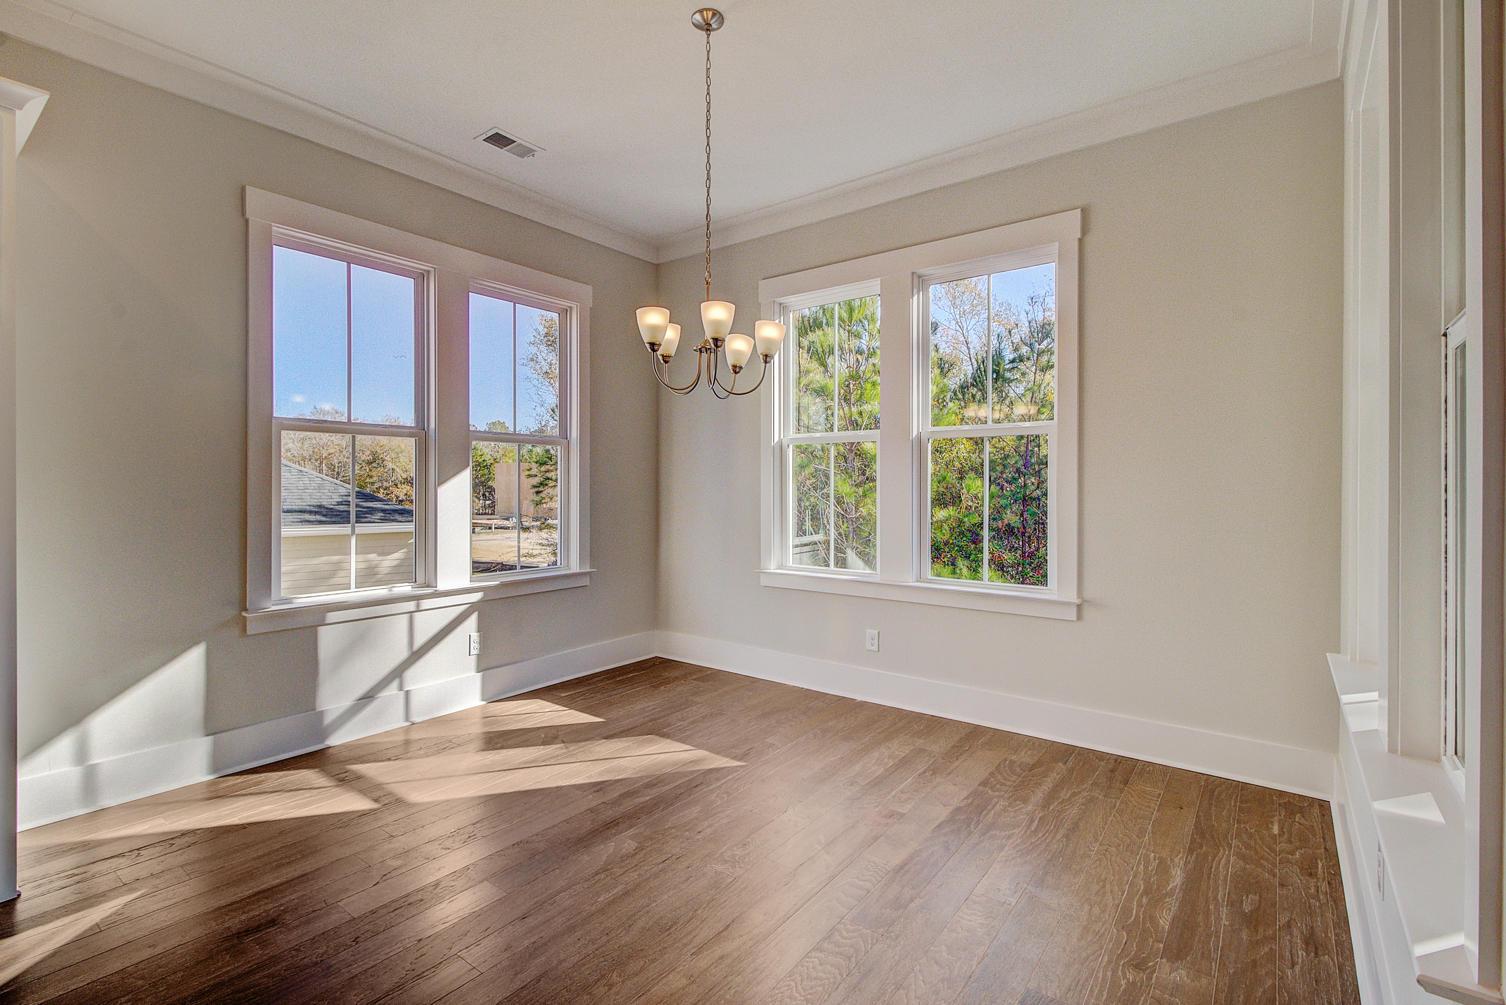 Fulton Park Homes For Sale - 2445 Giles, Mount Pleasant, SC - 21